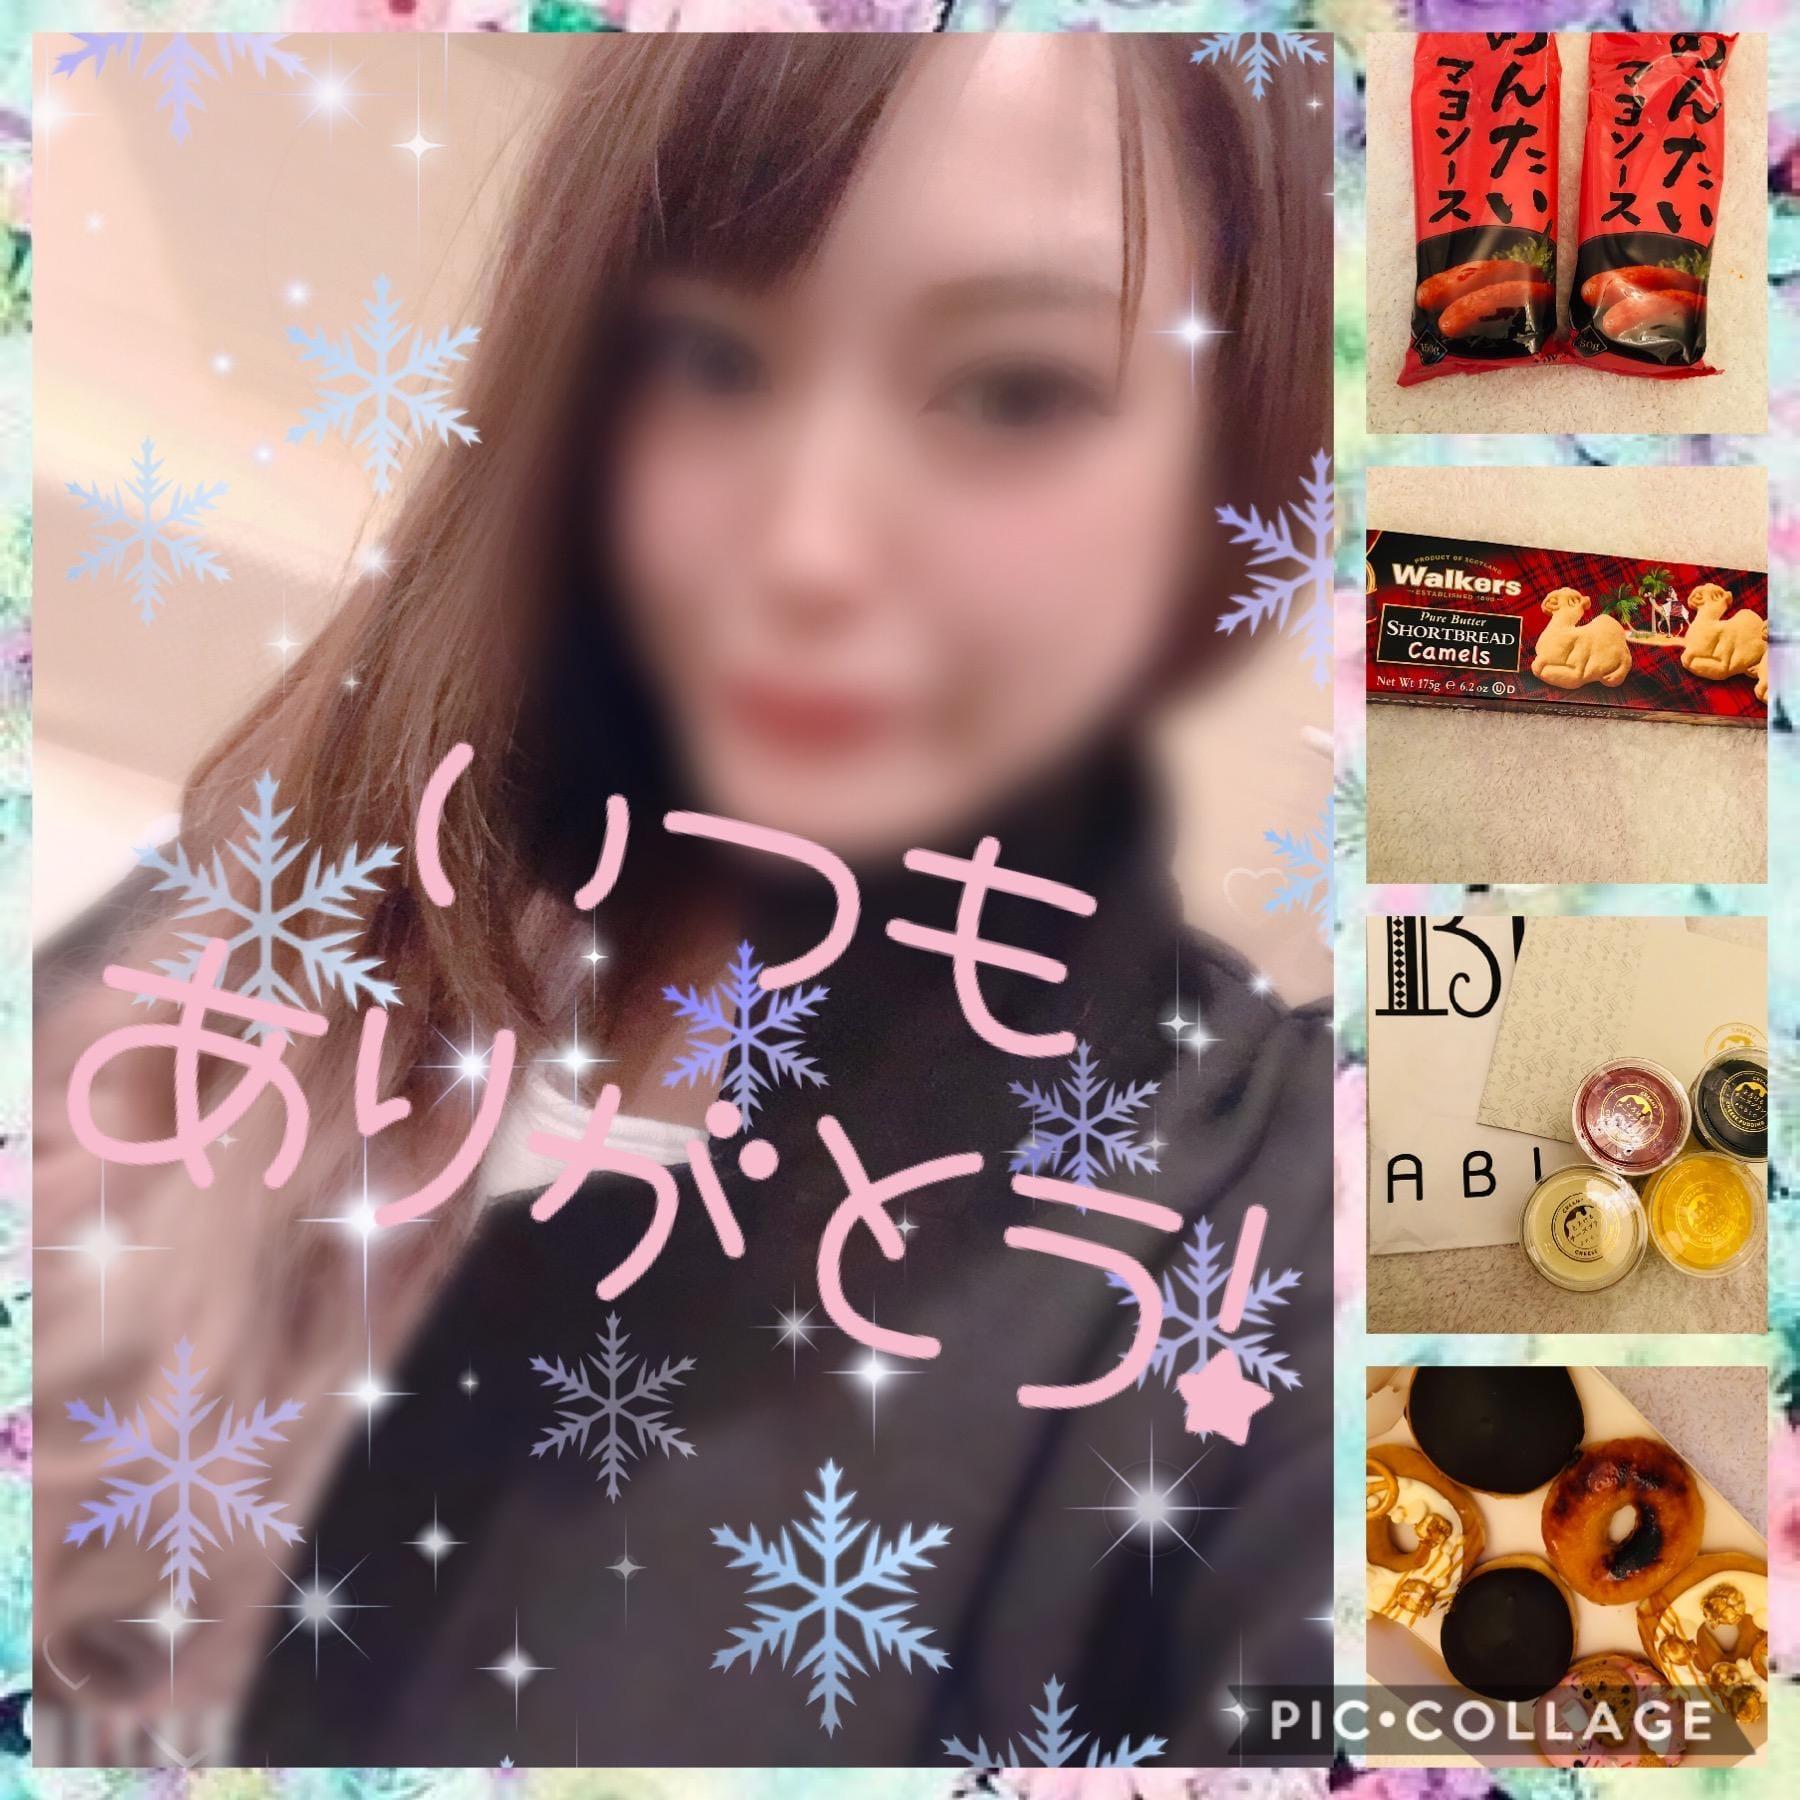 るい「こんばんはっ」02/21(金) 21:19   るいの写メ・風俗動画